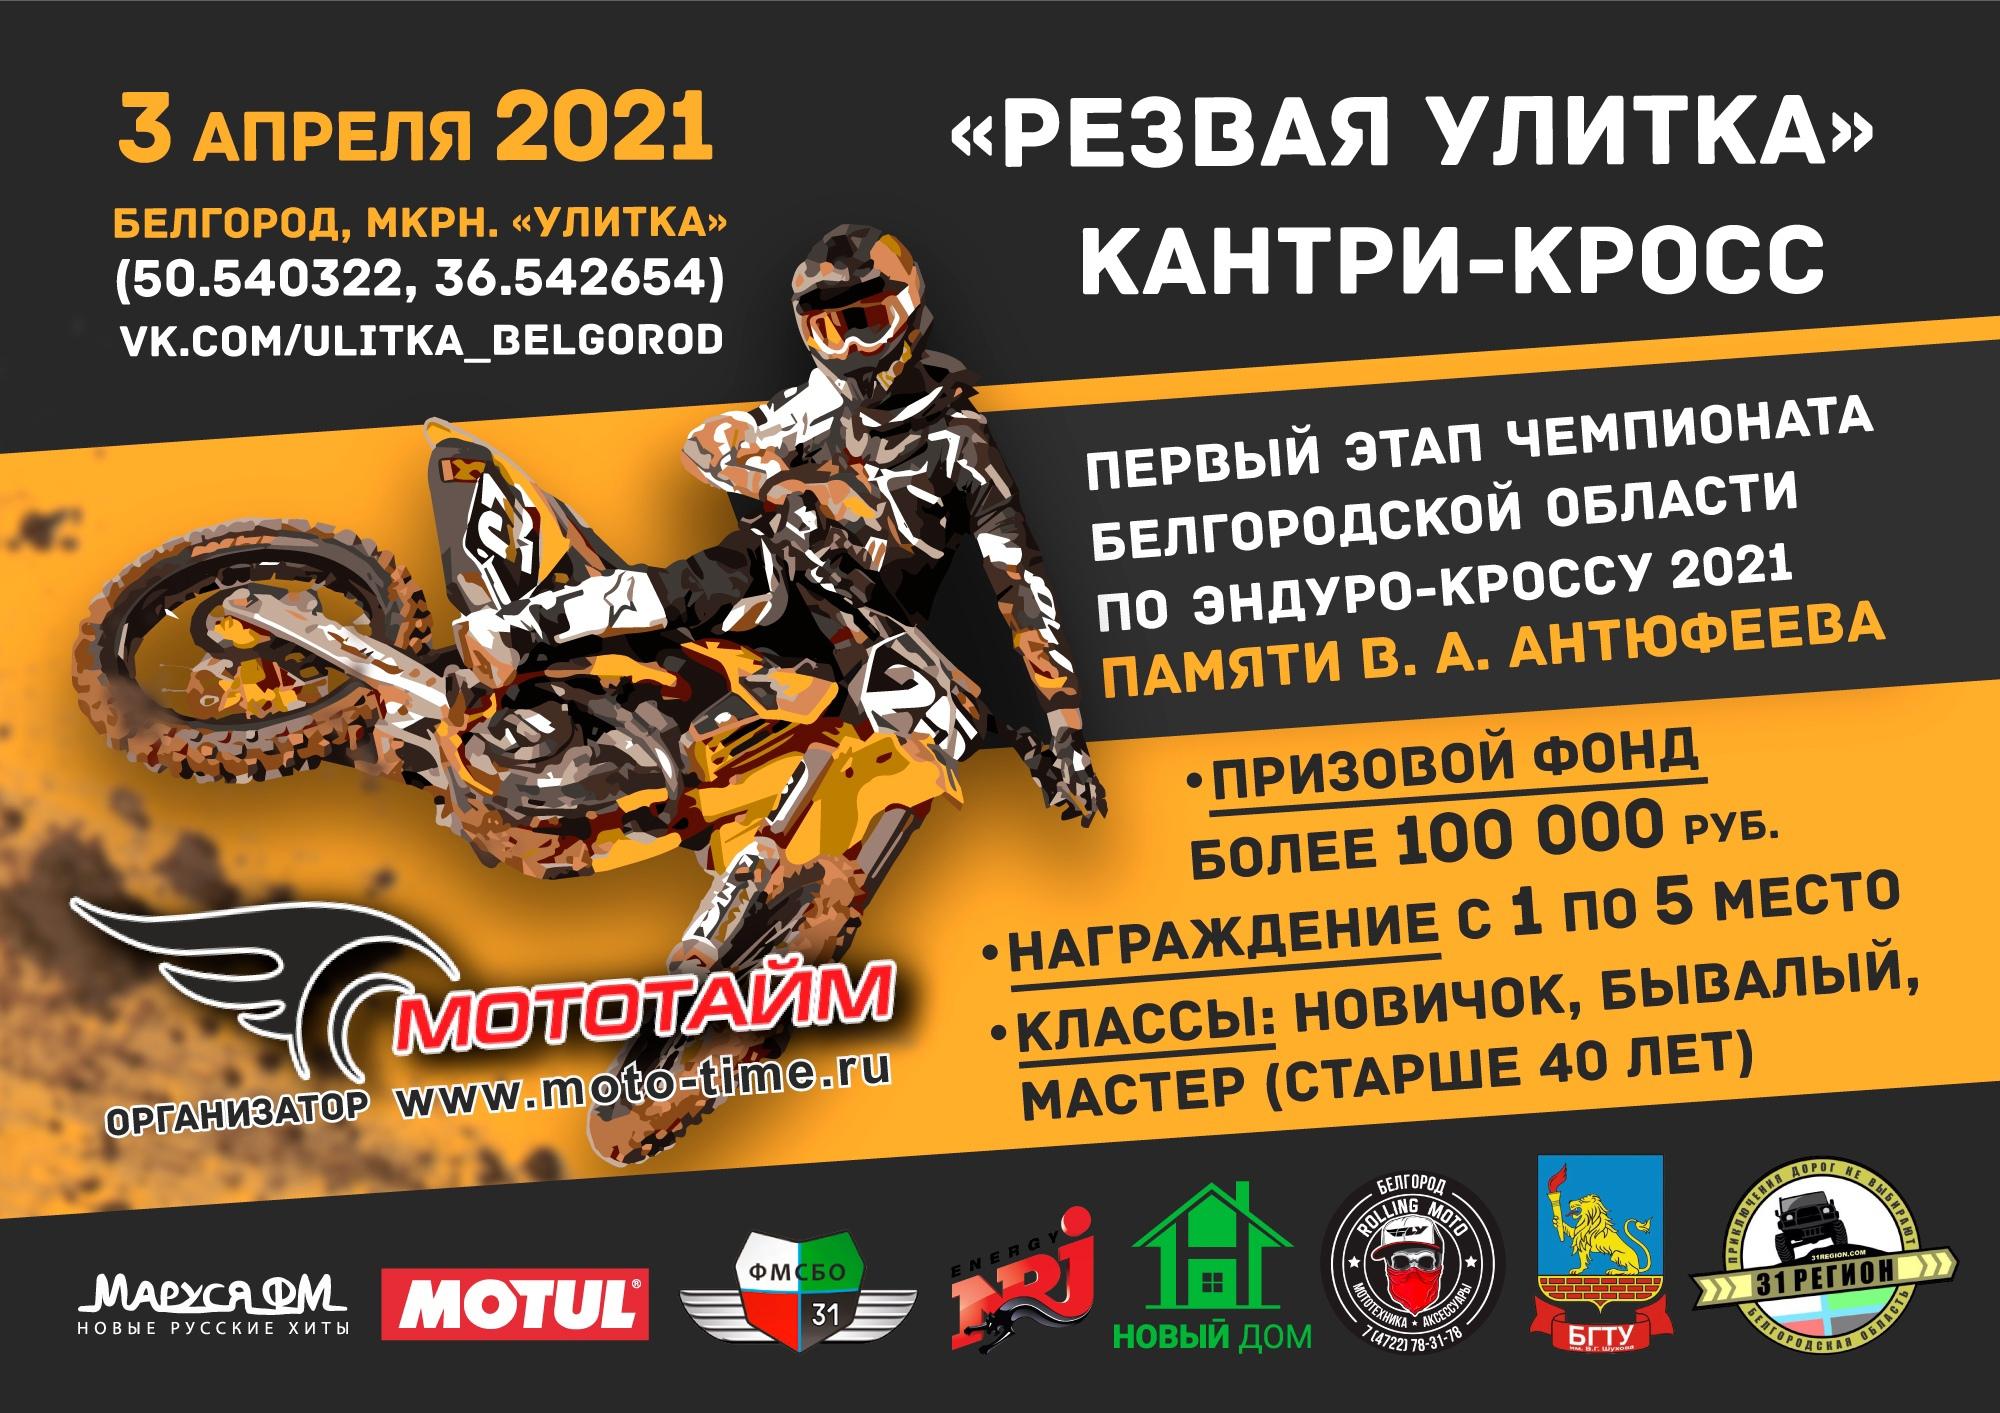 Первый этап Чемпионата Белгородской обл. по эндуро 2021